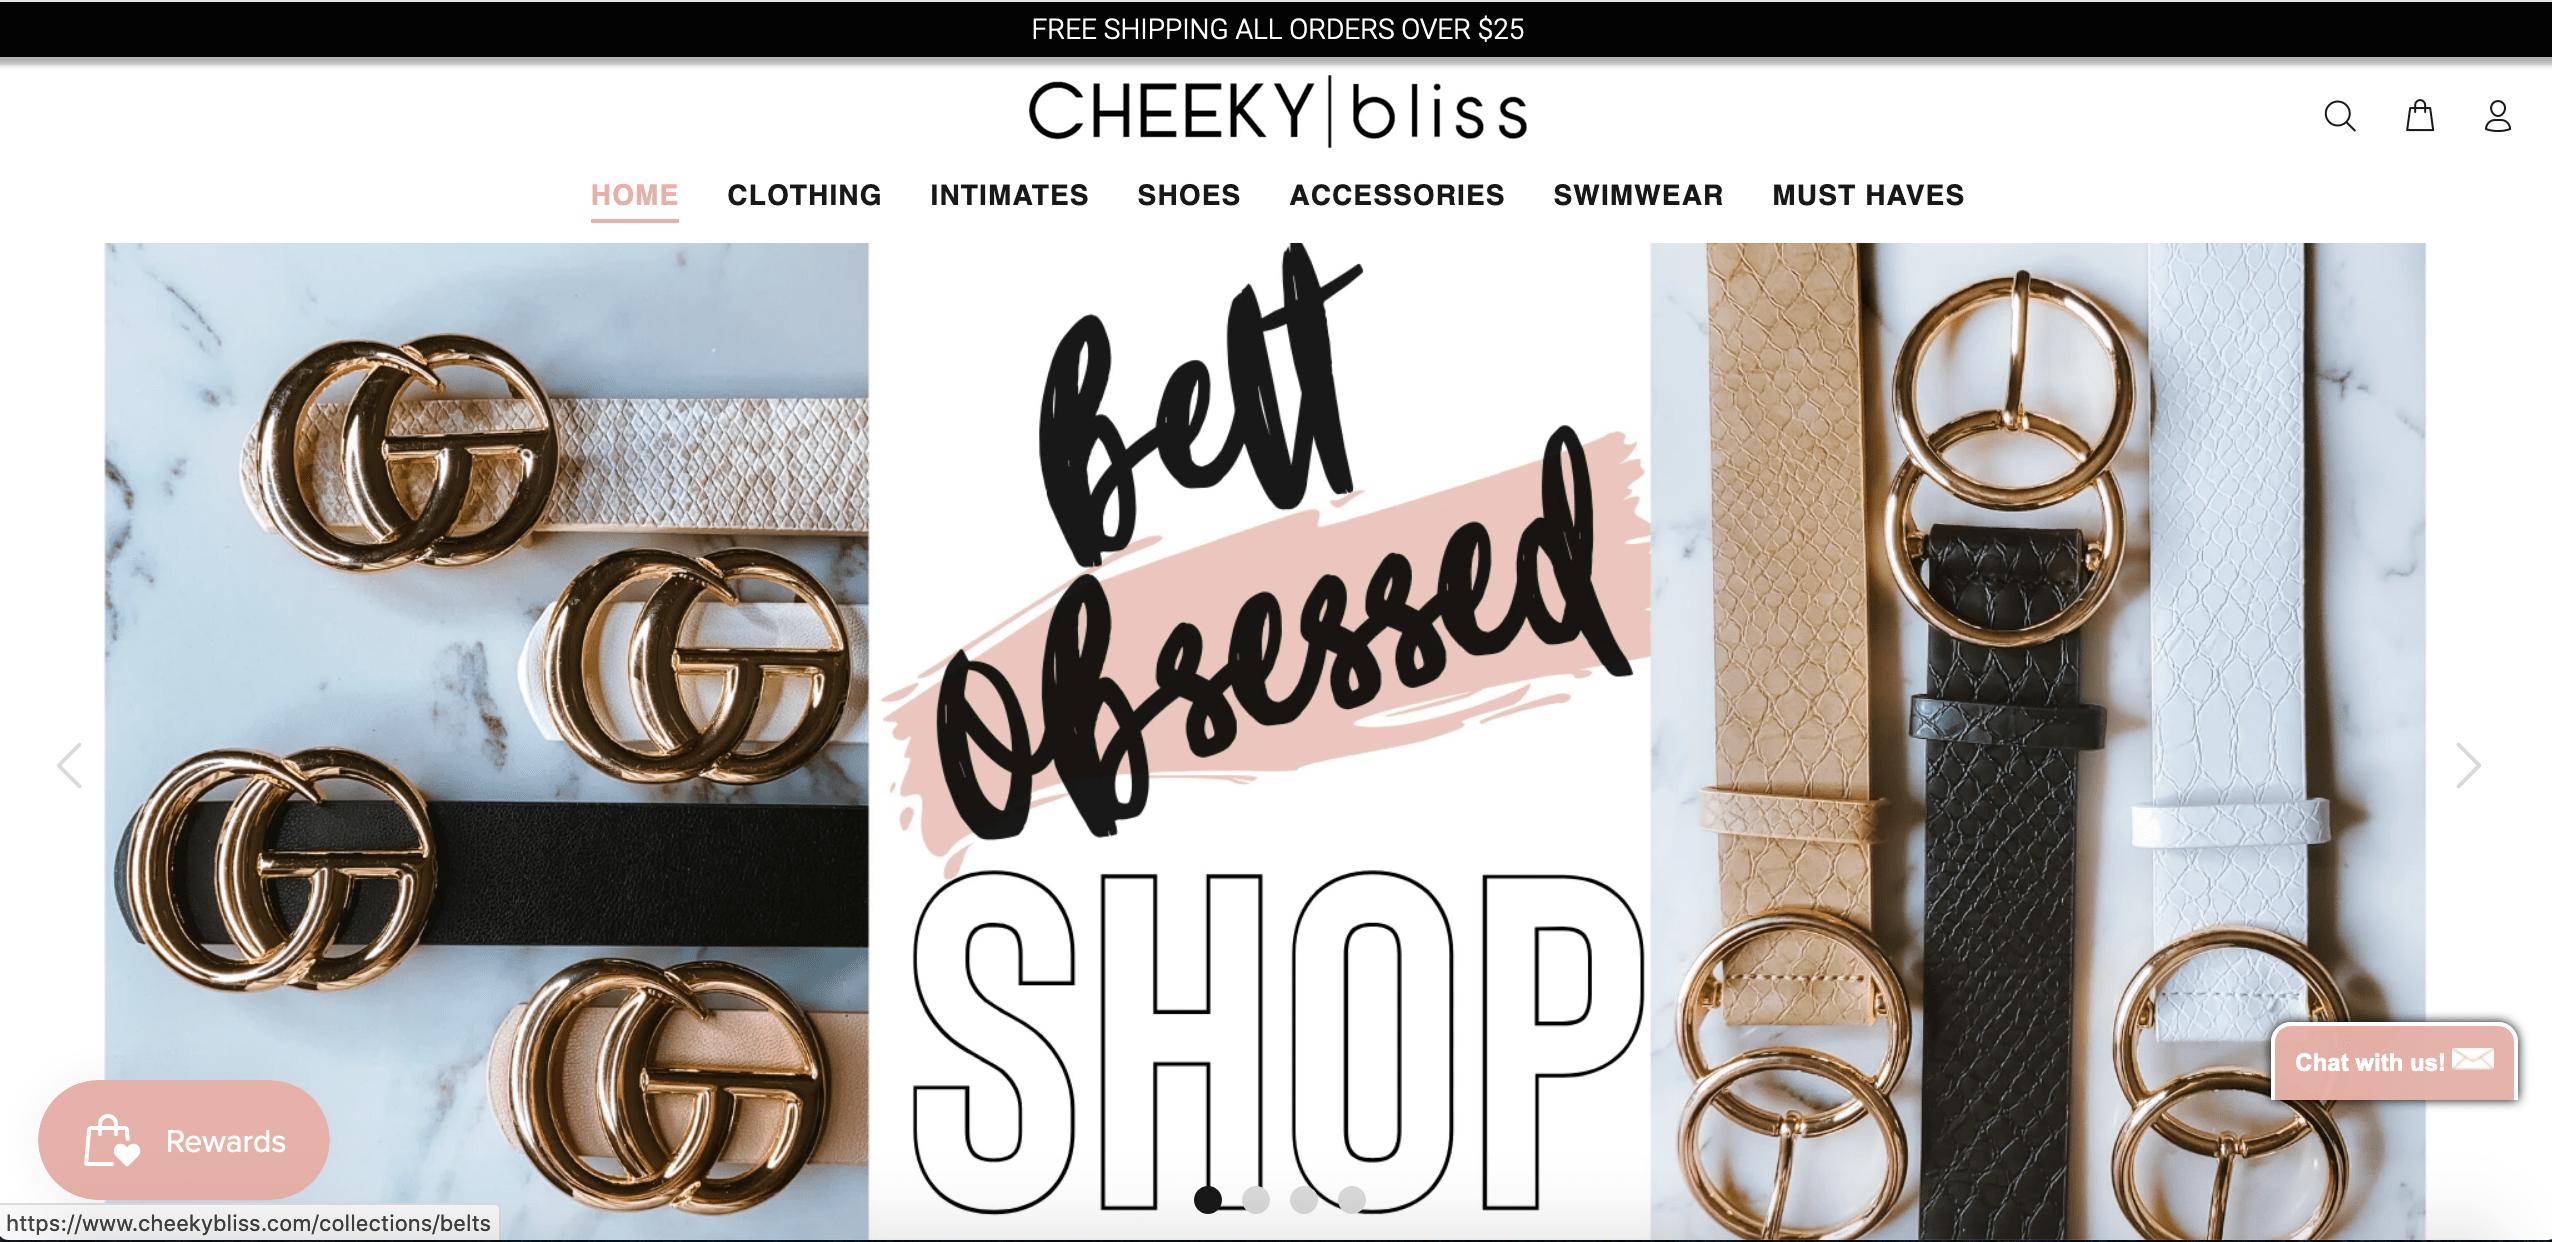 E-com clothing store website #1